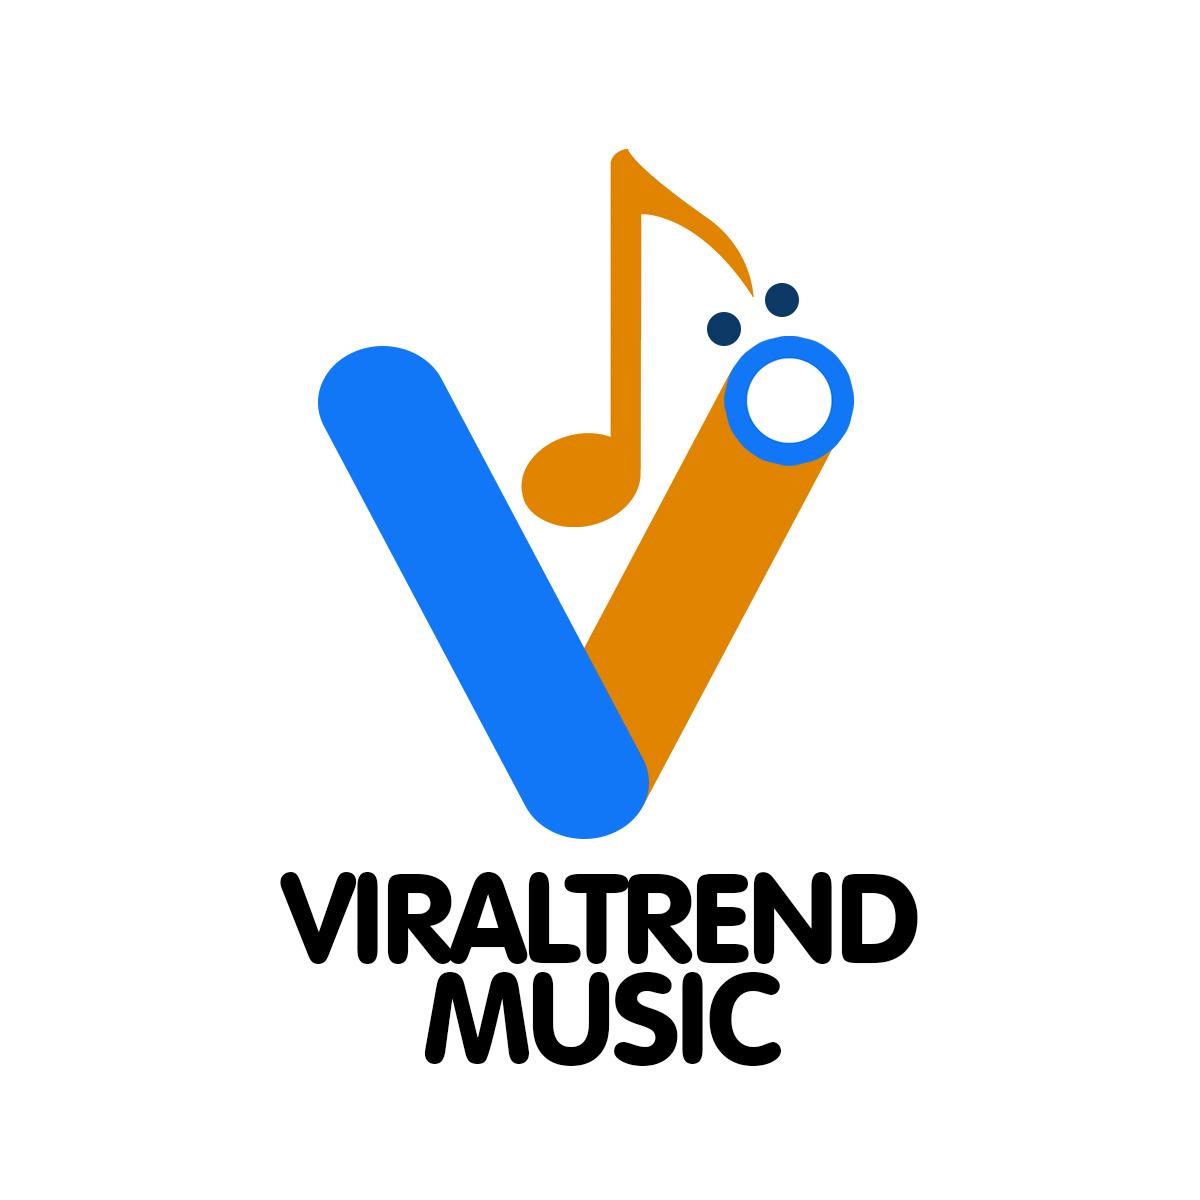 Viraltrend Music Logo